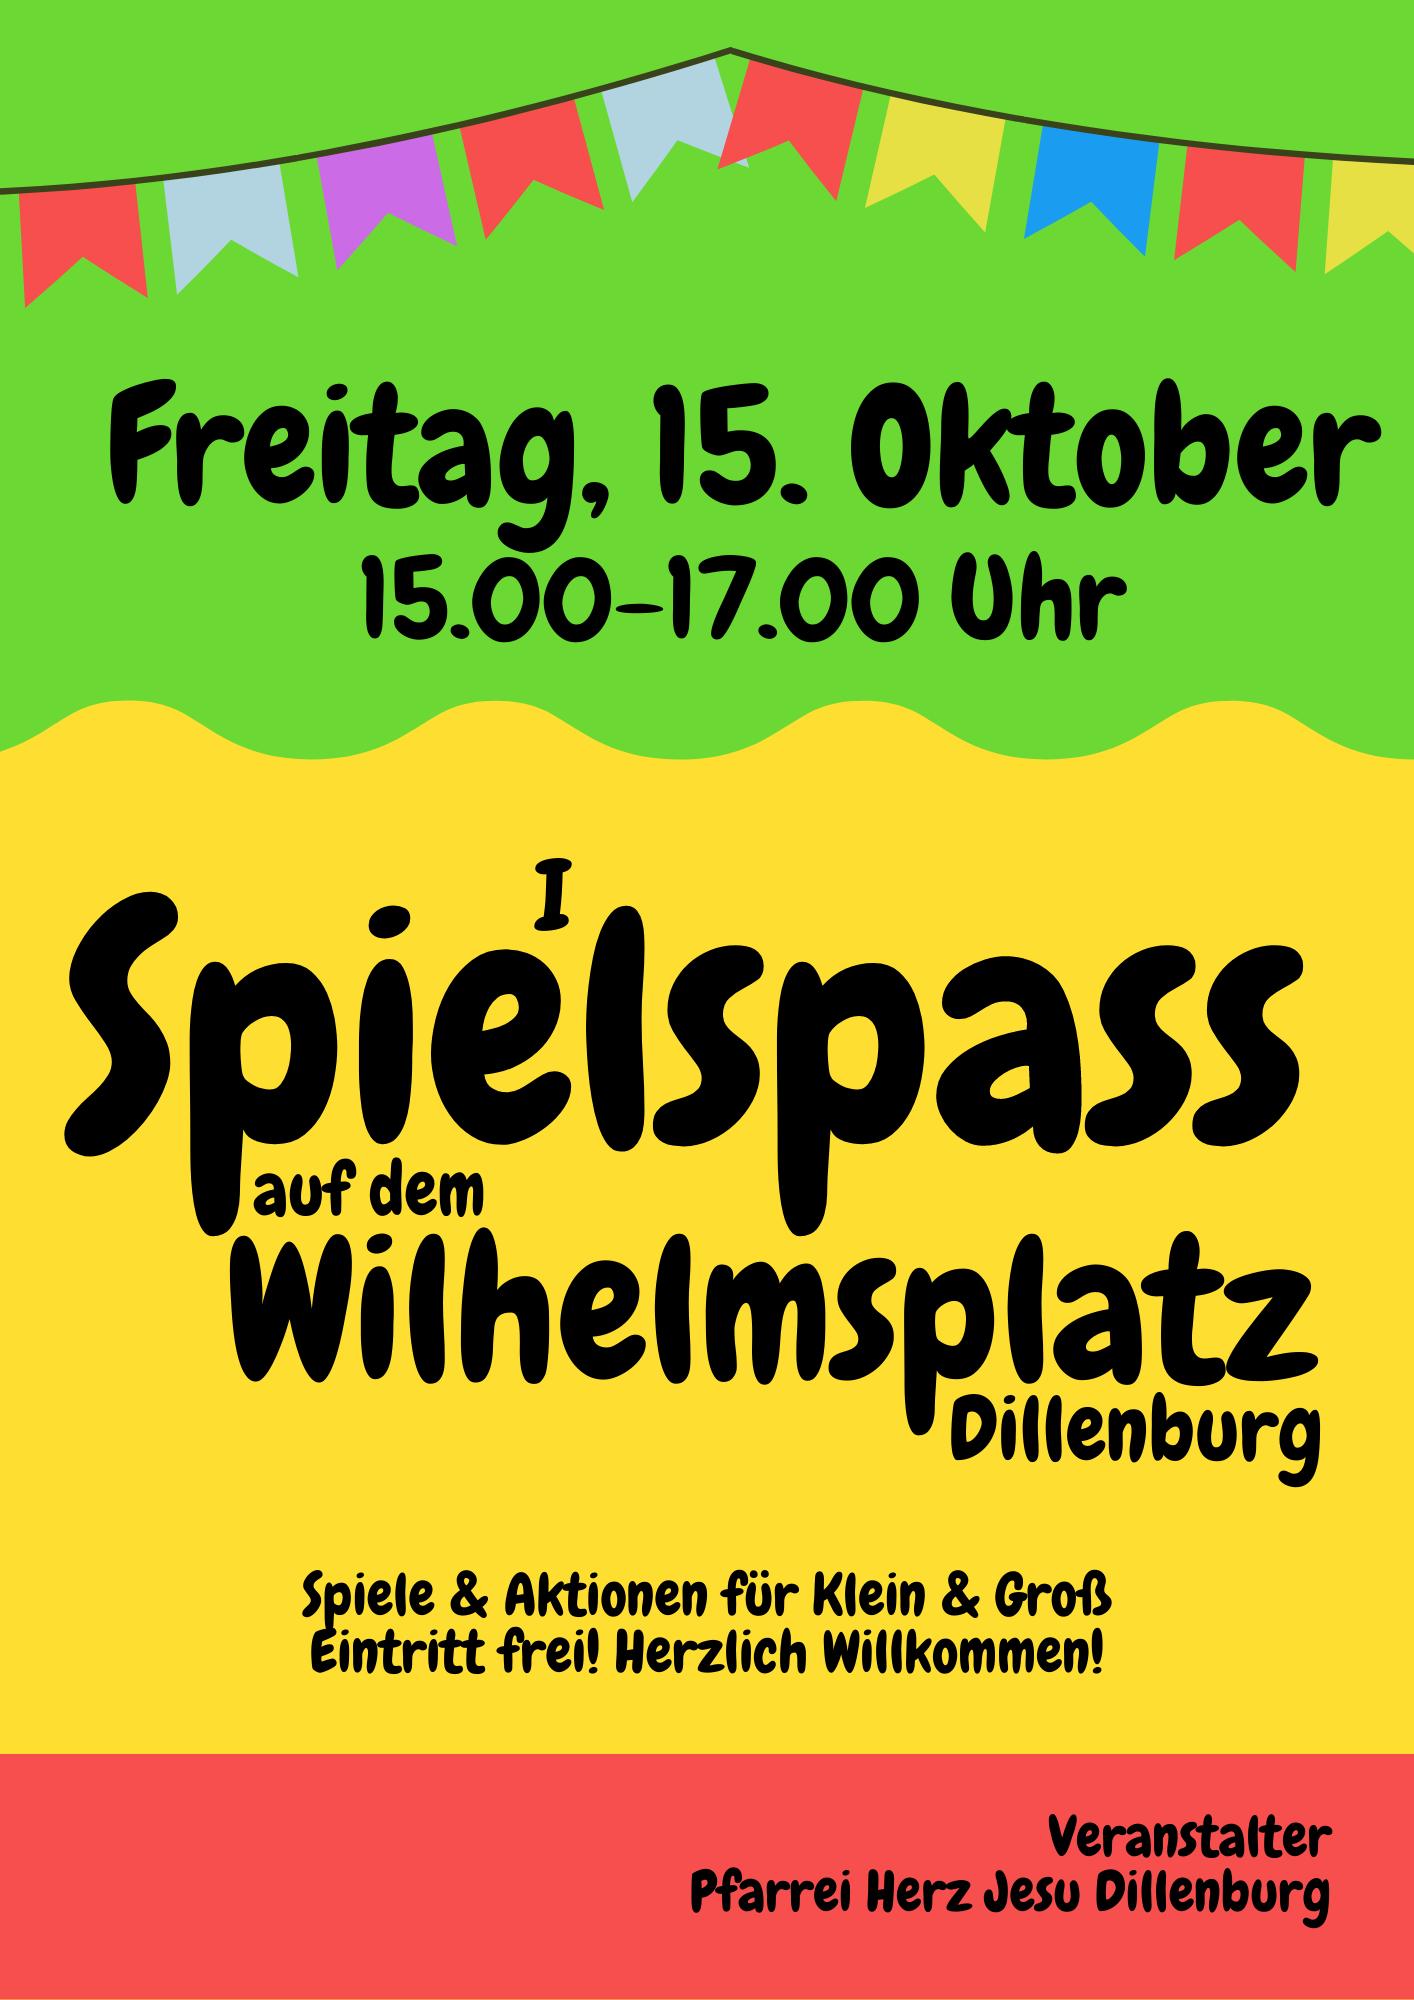 Spielspaß am 15. Oktober von 15.00 - 17.00 Uhr auf dem Wilhelmsplatz Dillenburg